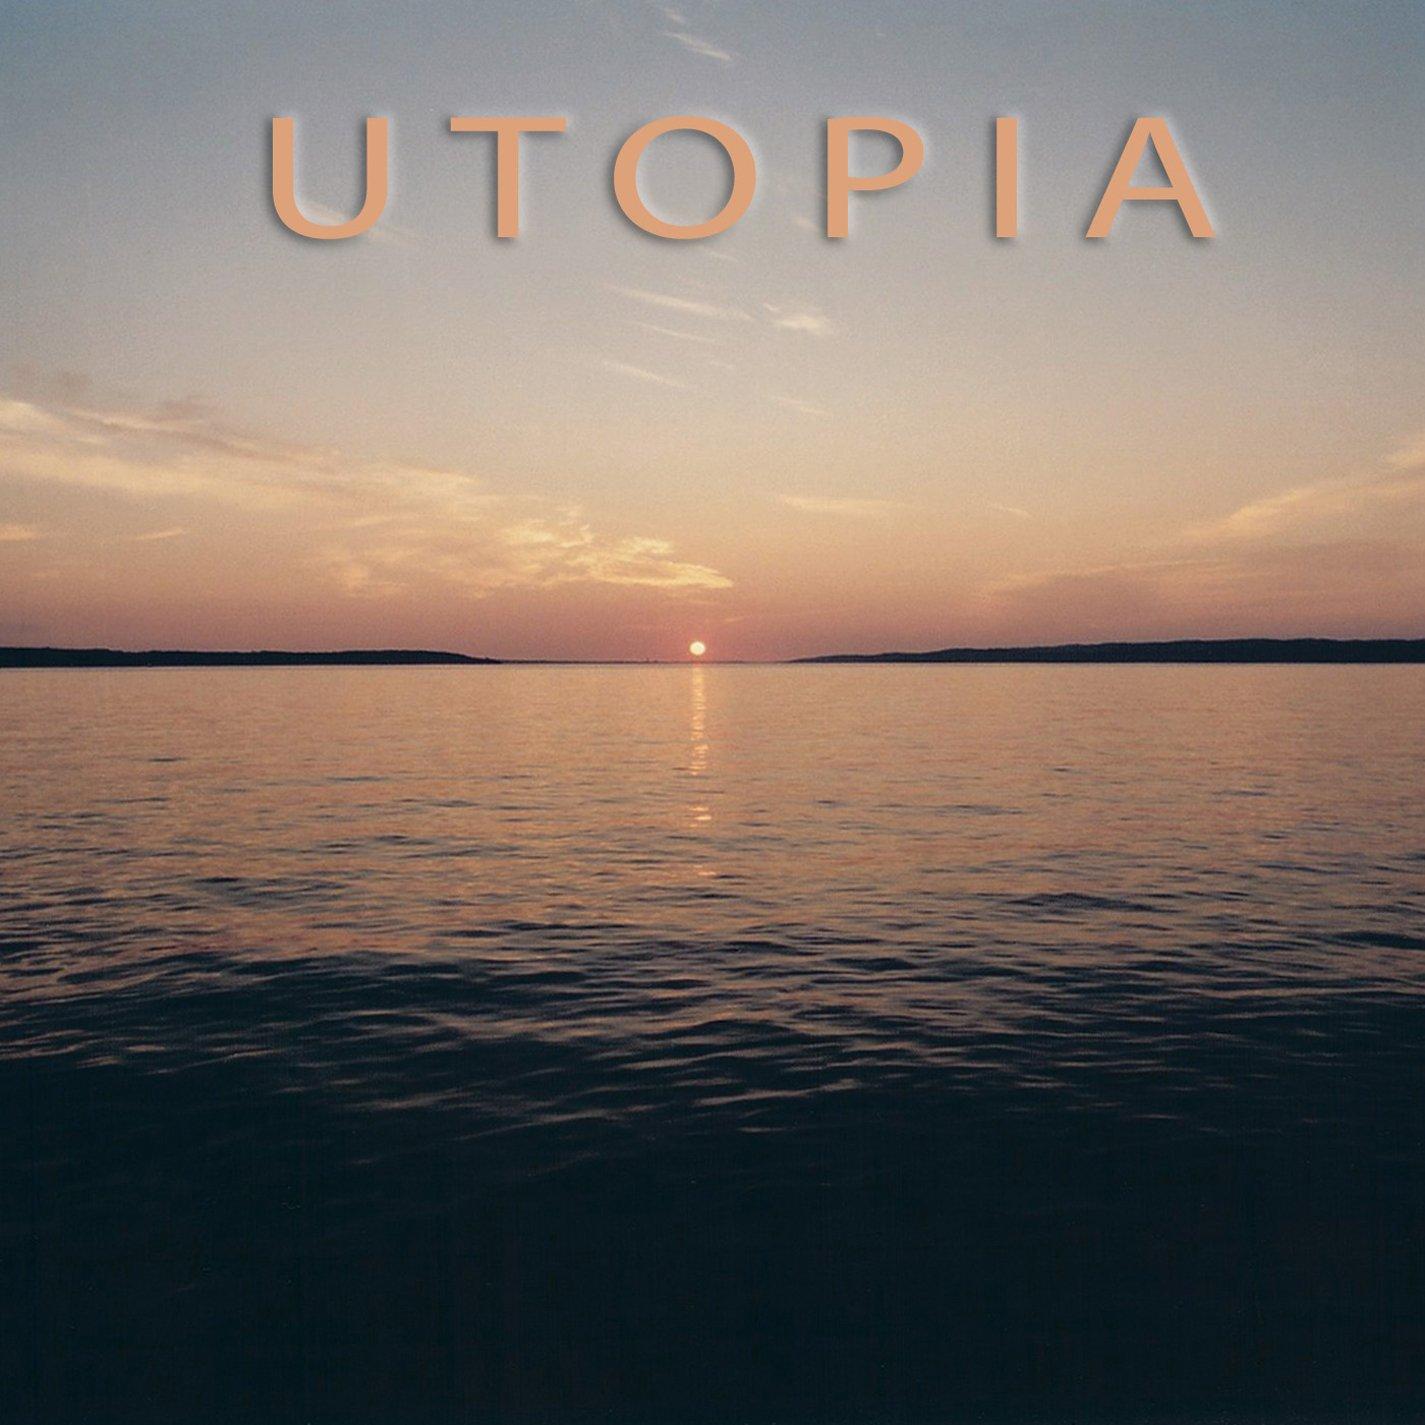 CD : Ya Tafari - Utopia (CD)